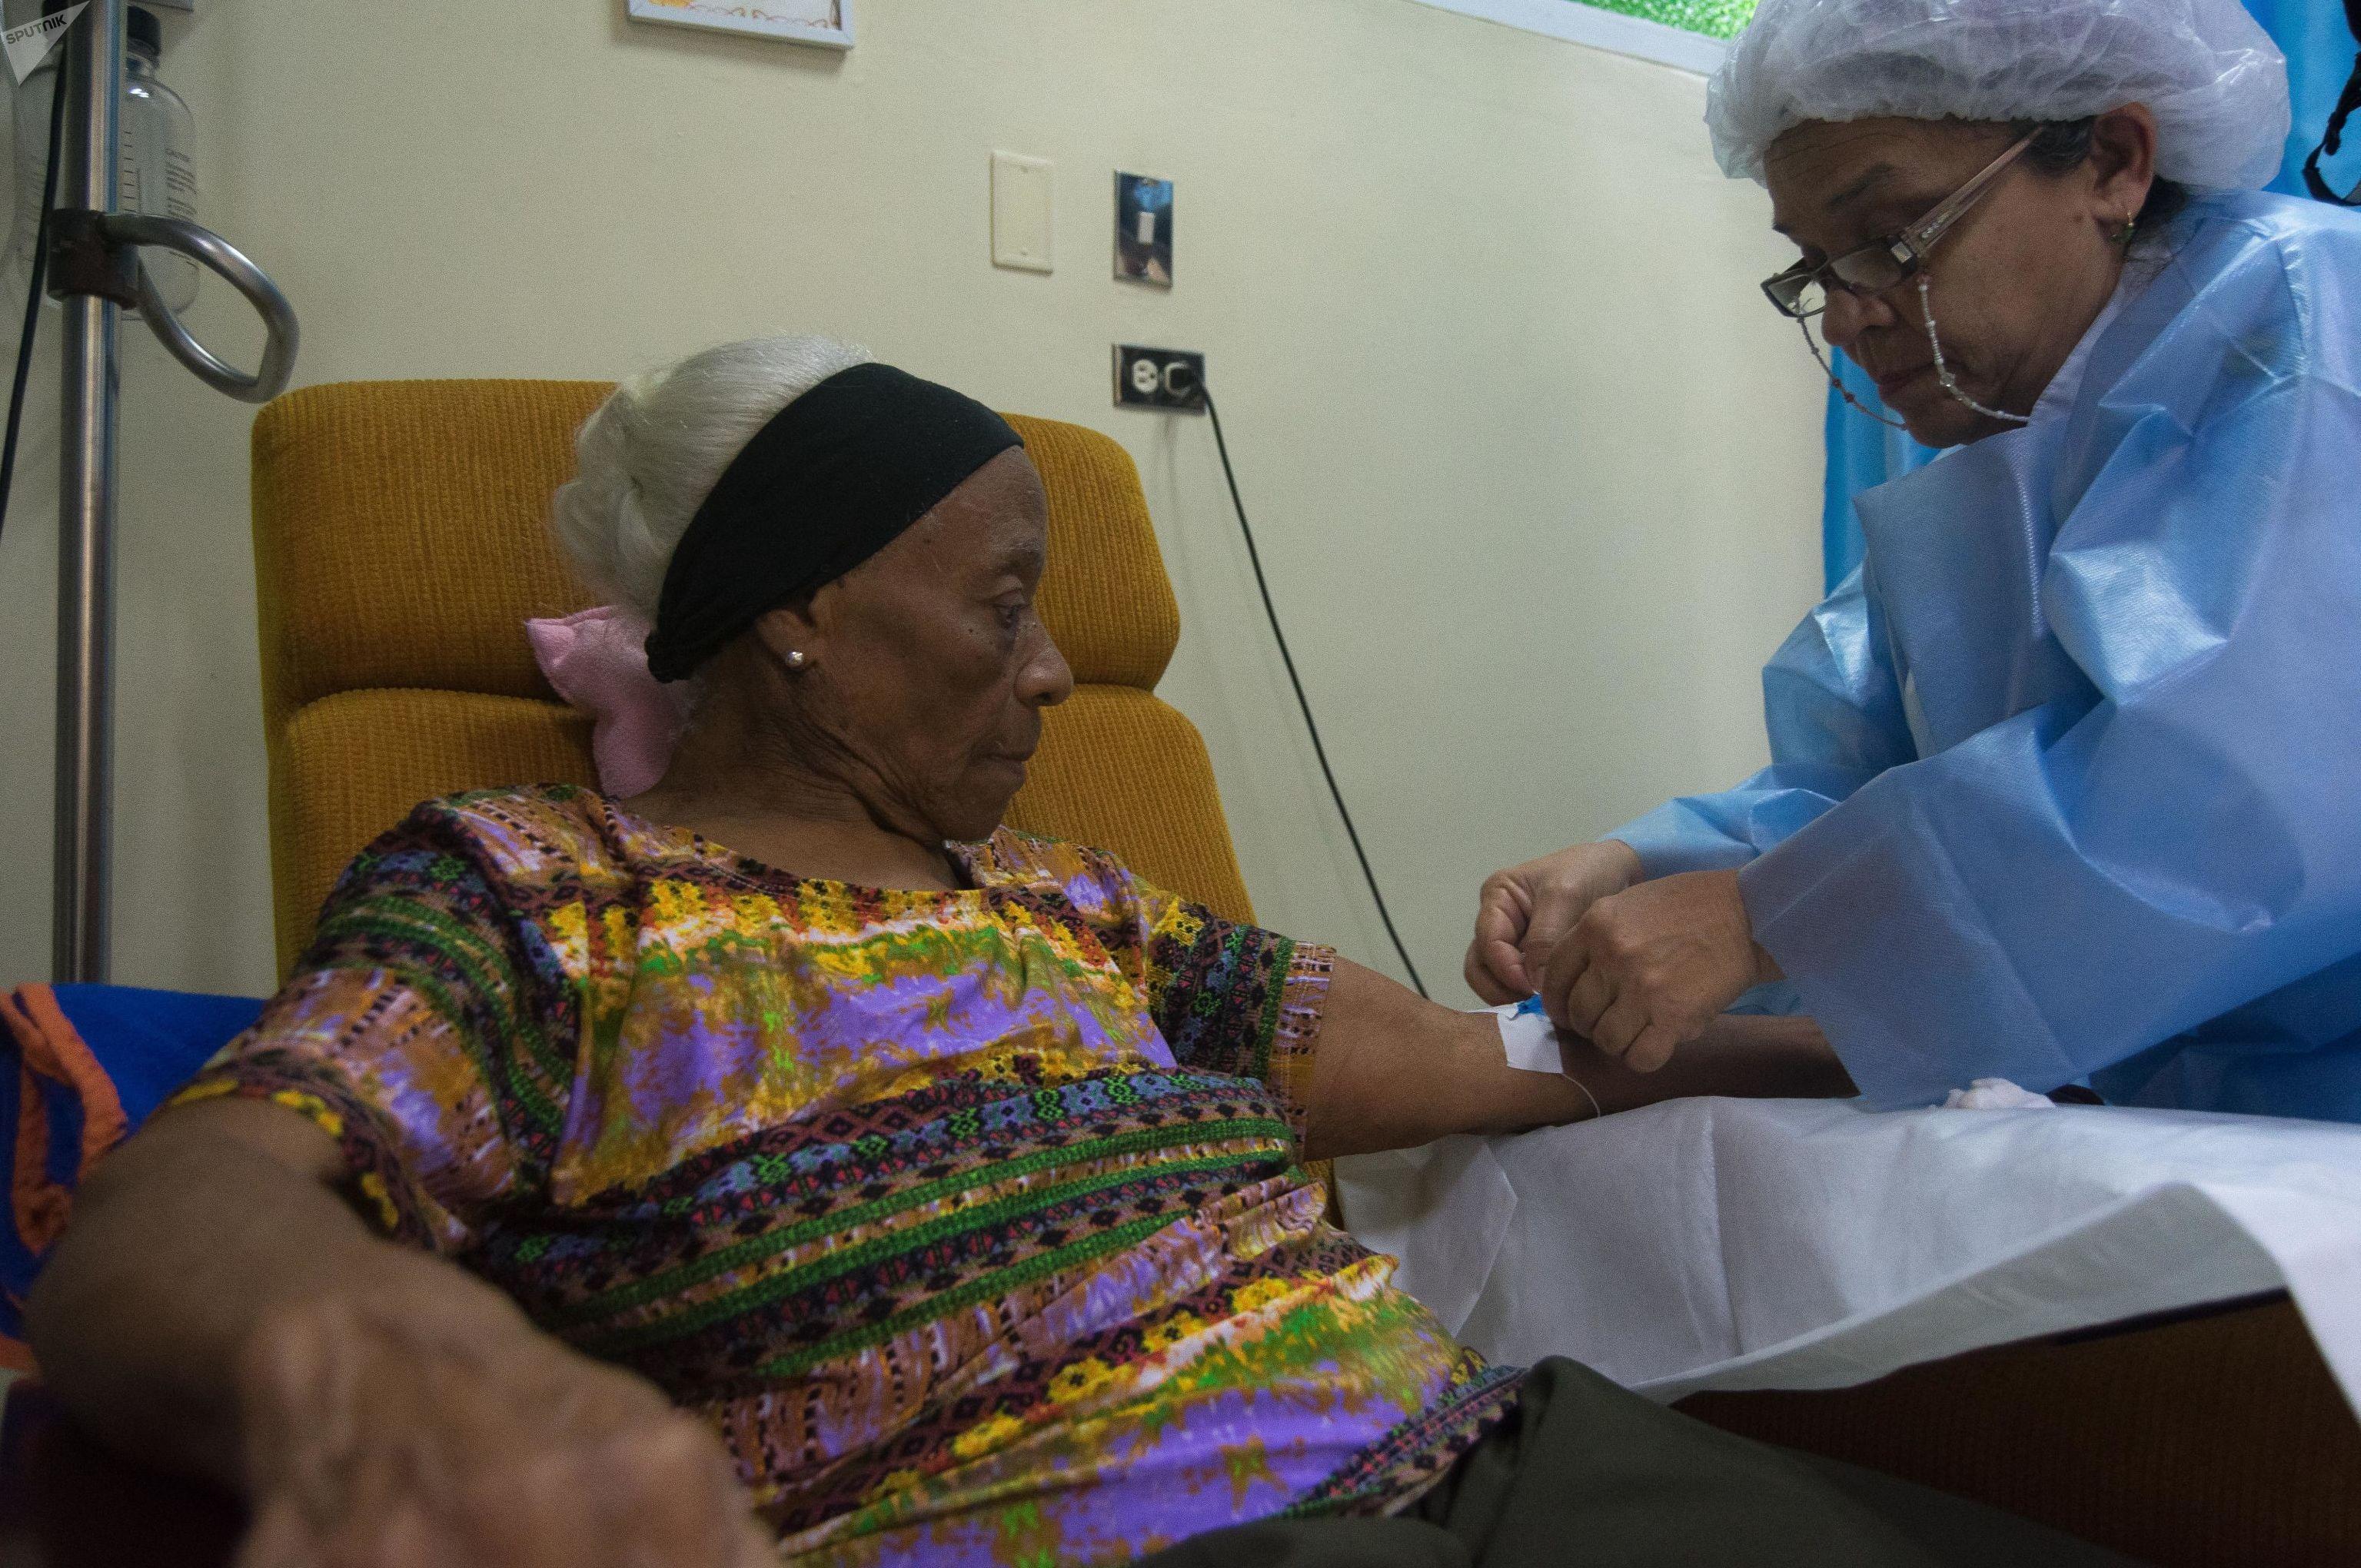 Los pacientes relataron que este año la entrega de los medicamentos por parte del Seguro Social, de forma gratuita, se ha hecho más regular